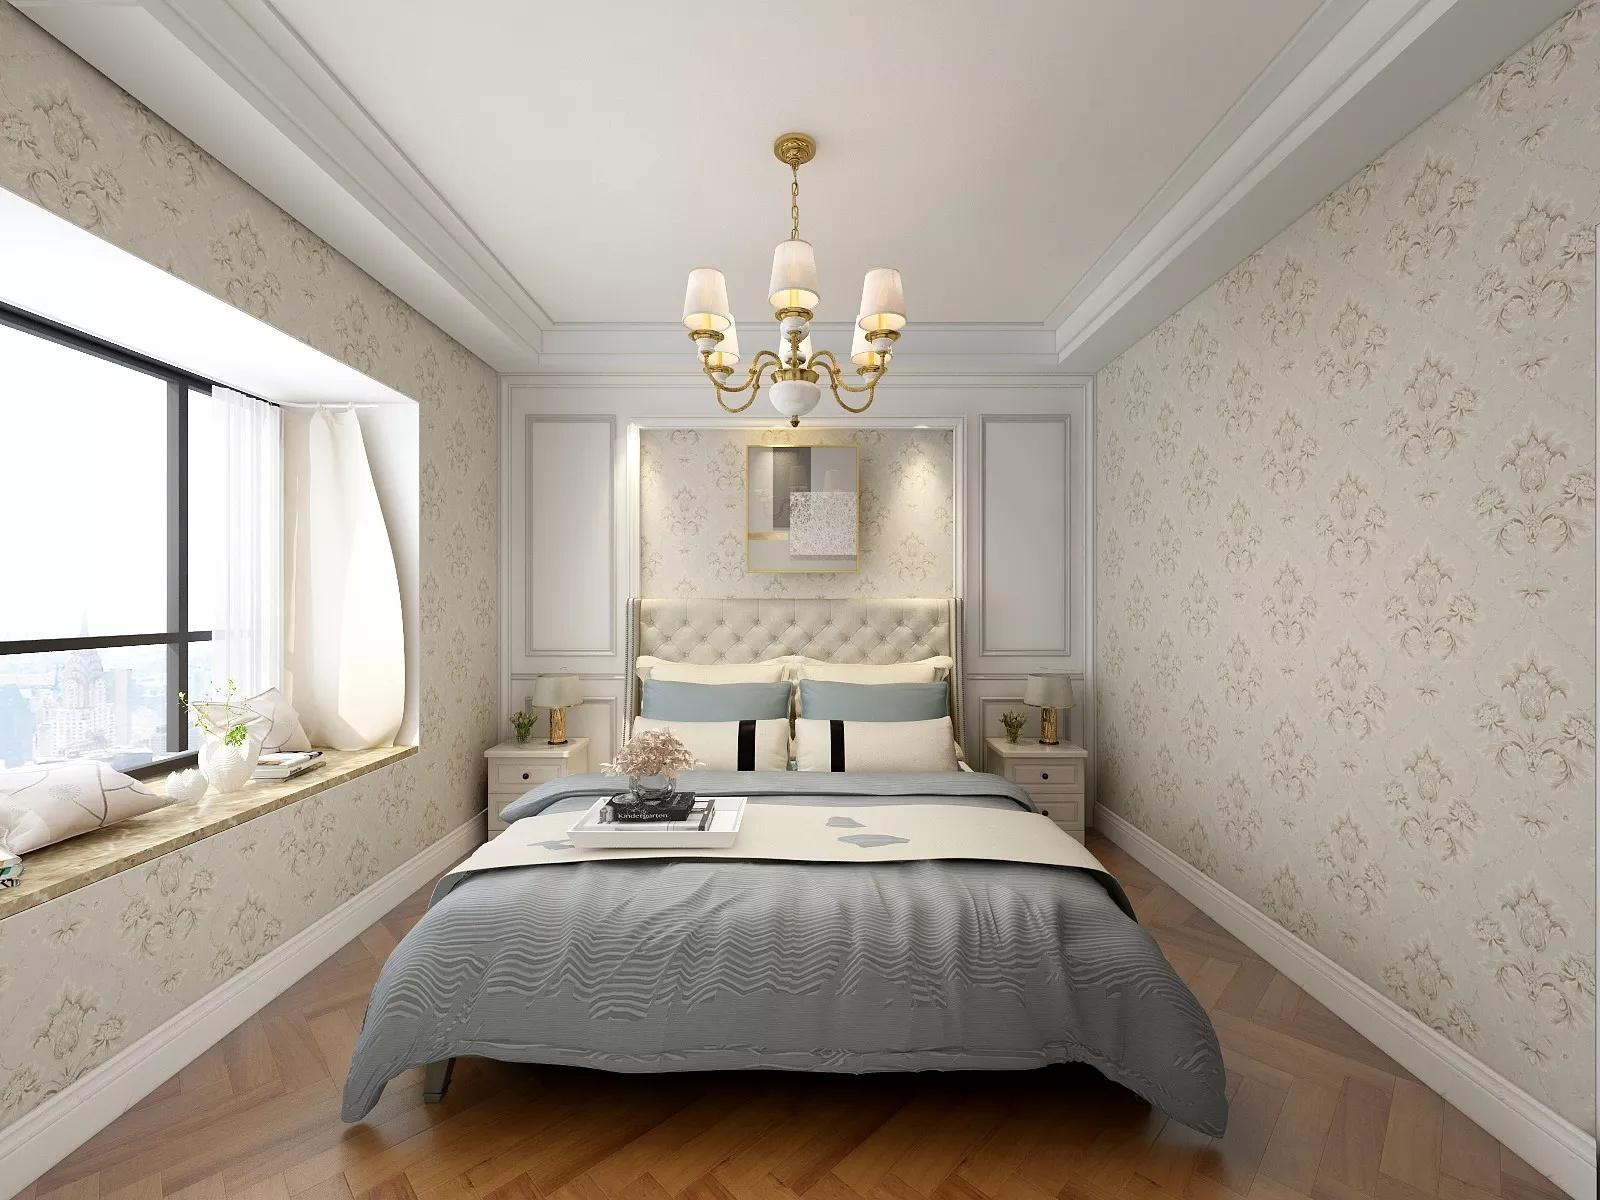 东南亚风格豪华别墅室内装修设计效果图